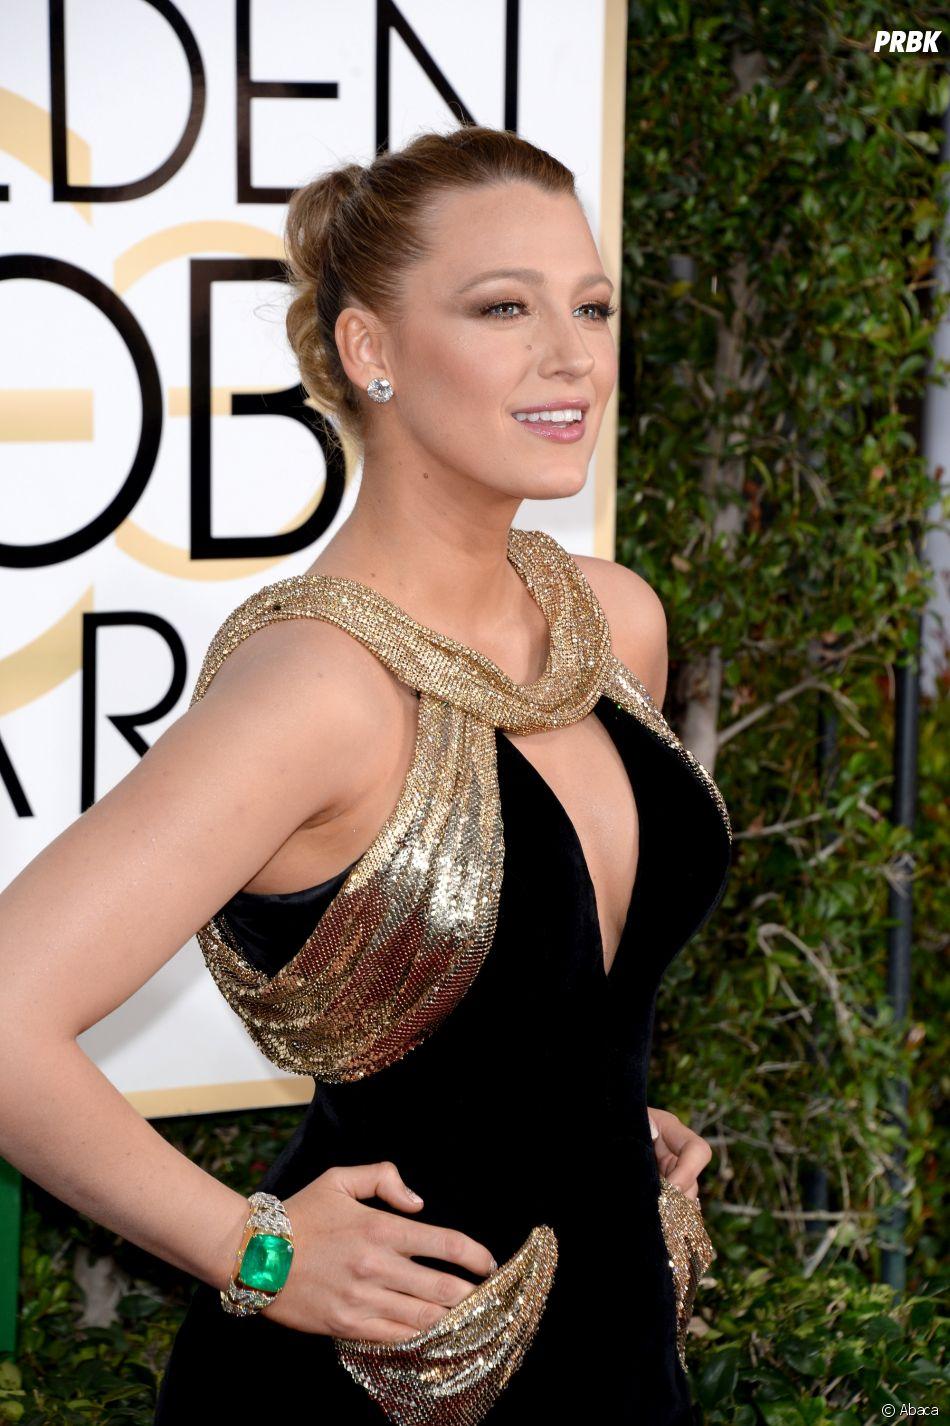 Blake Lively sur le tapis-rouge des Golden Globes 2017 le 8 janvier à Los Angeles